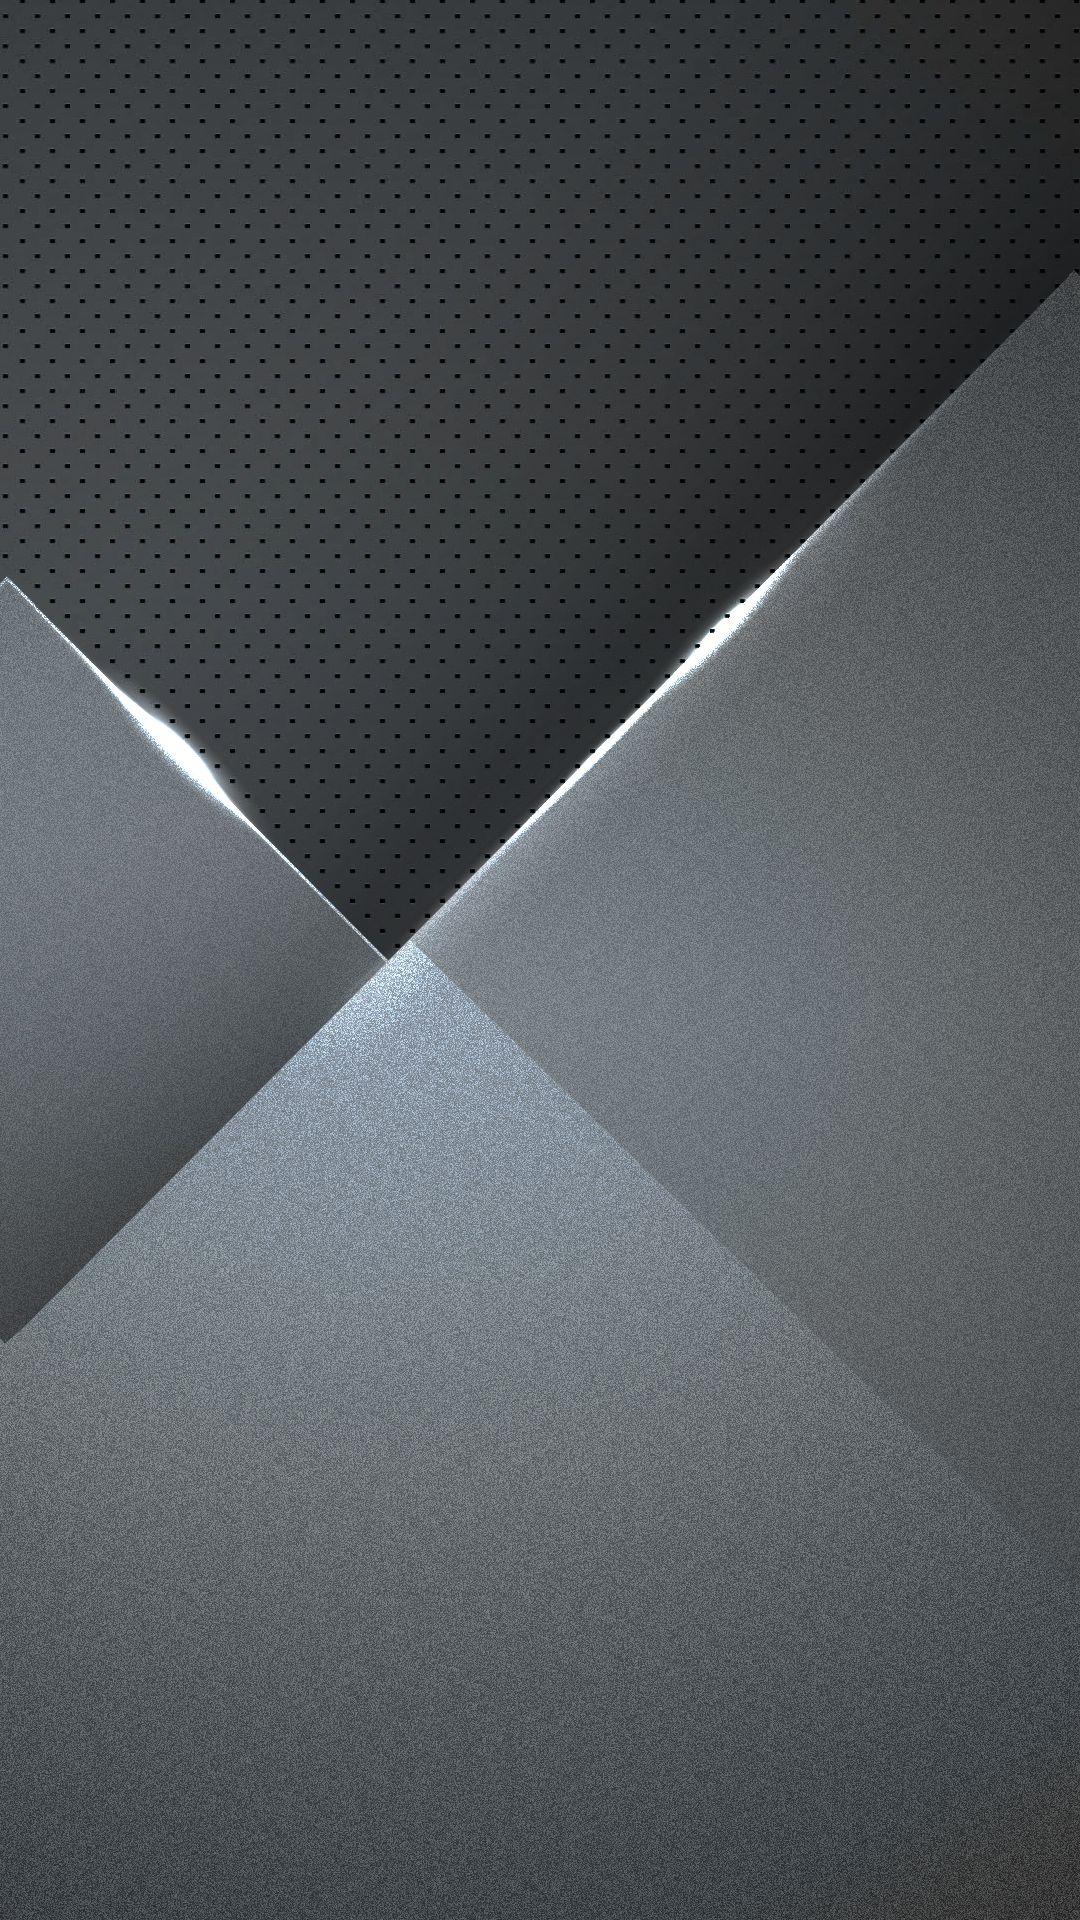 Simple Wallpaper Home Screen Sport - 4bd06d1129f367d2aaa6bcaa03b732f6  Collection_189186.jpg